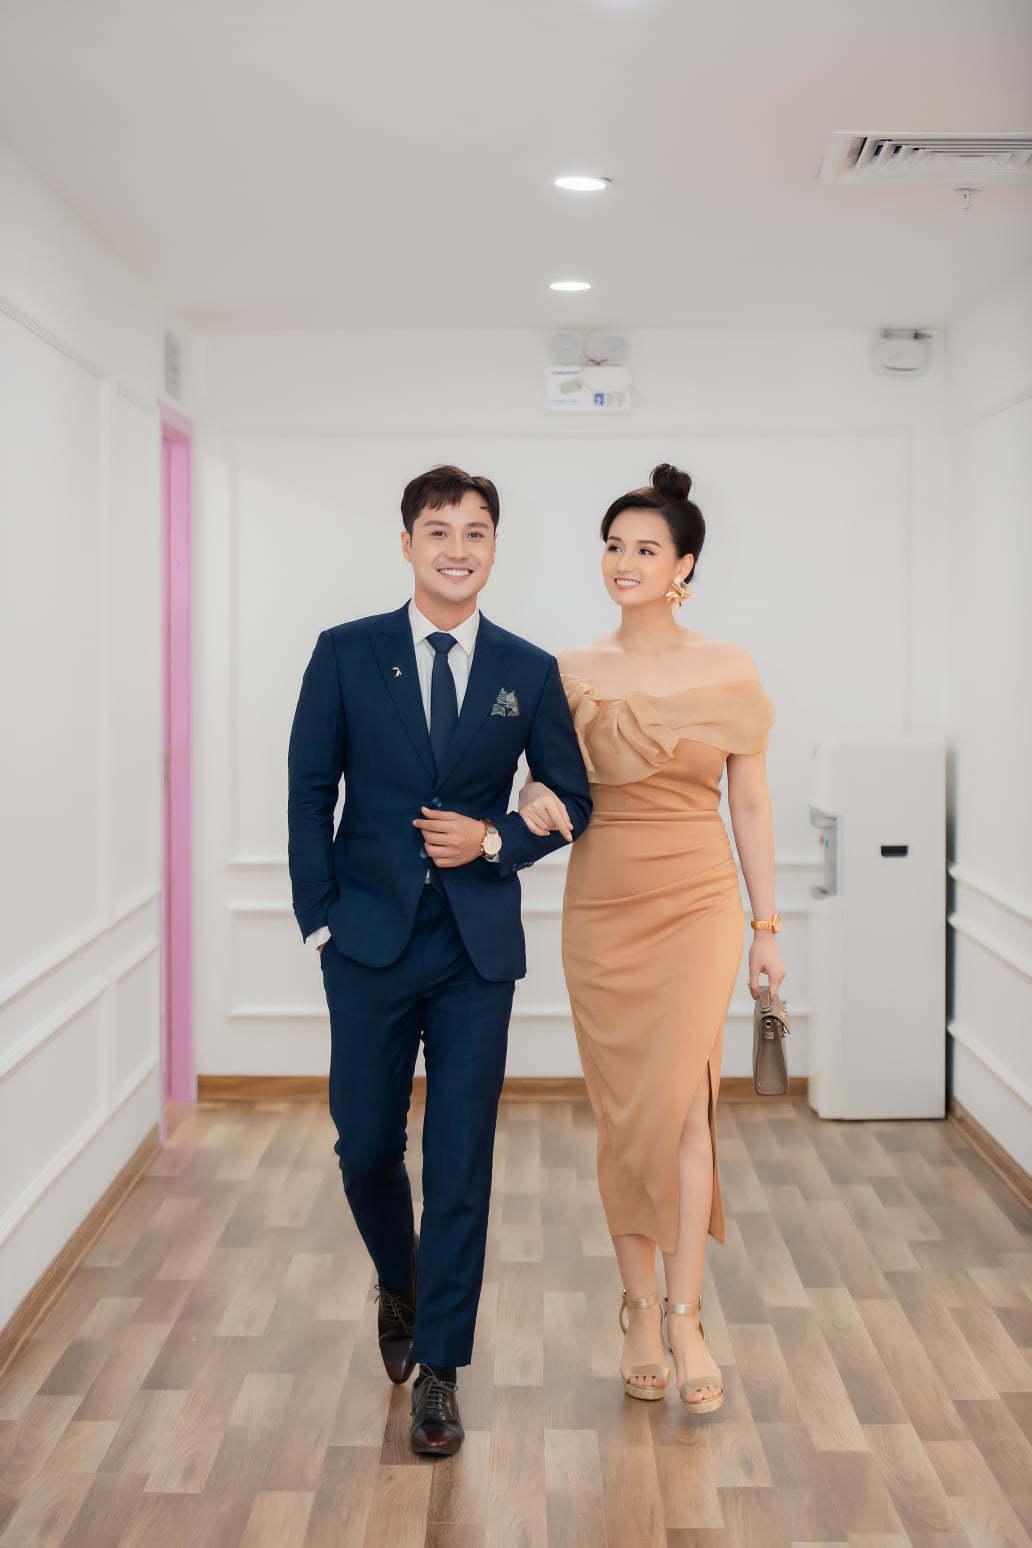 Thanh Sơn tình tứ bên Lã Thanh Huyền hậu 'Tình yêu và tham vọng'